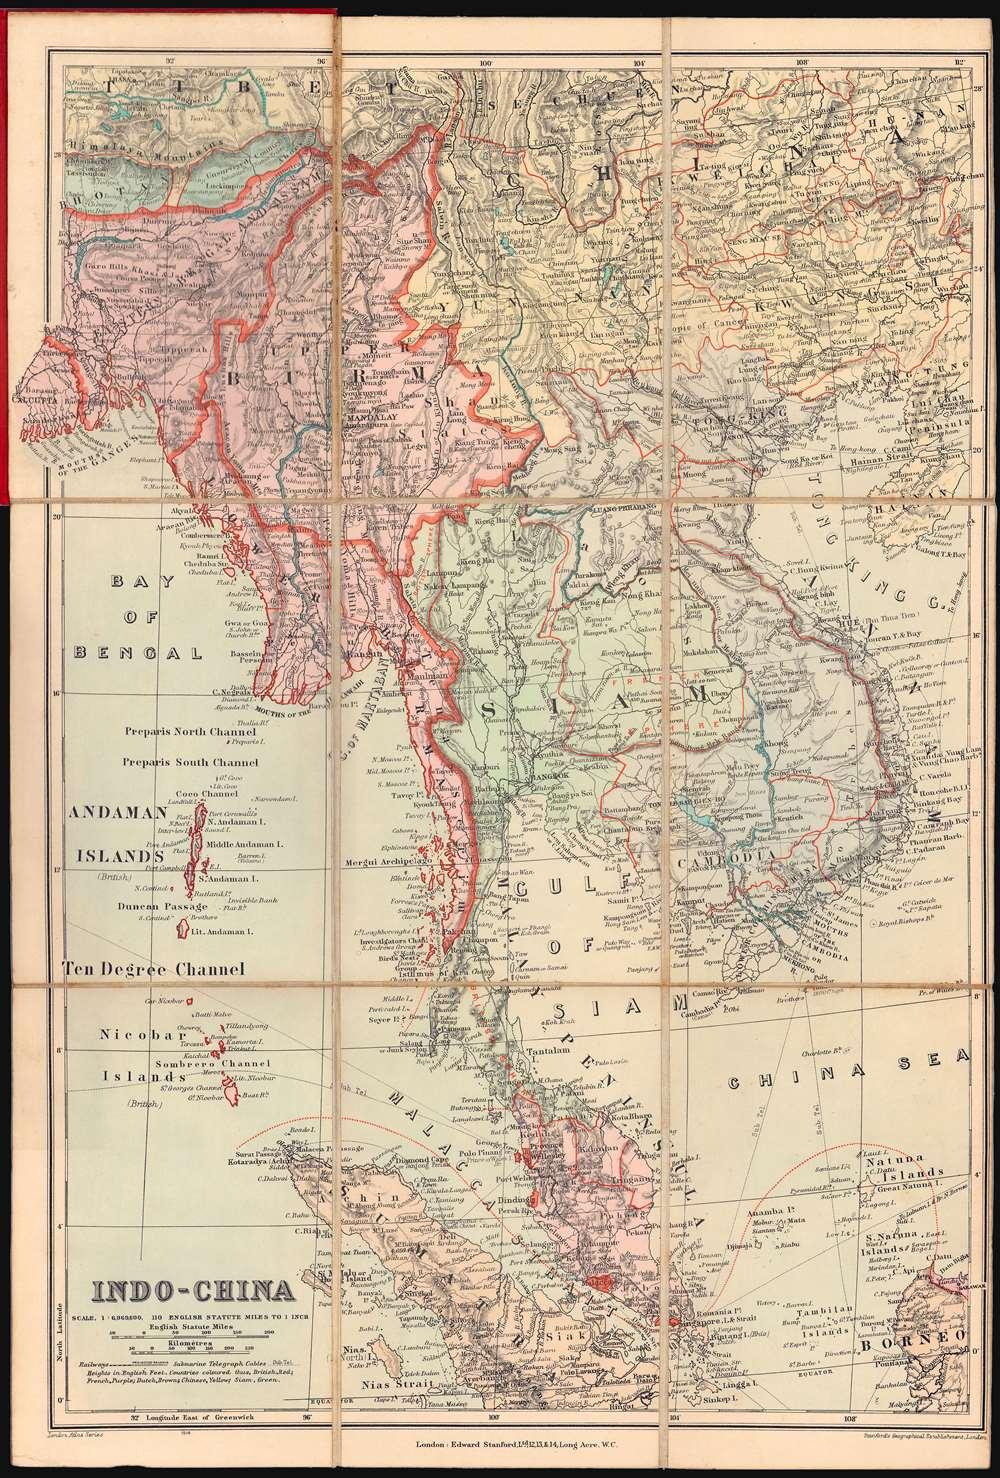 Indo-China. - Main View